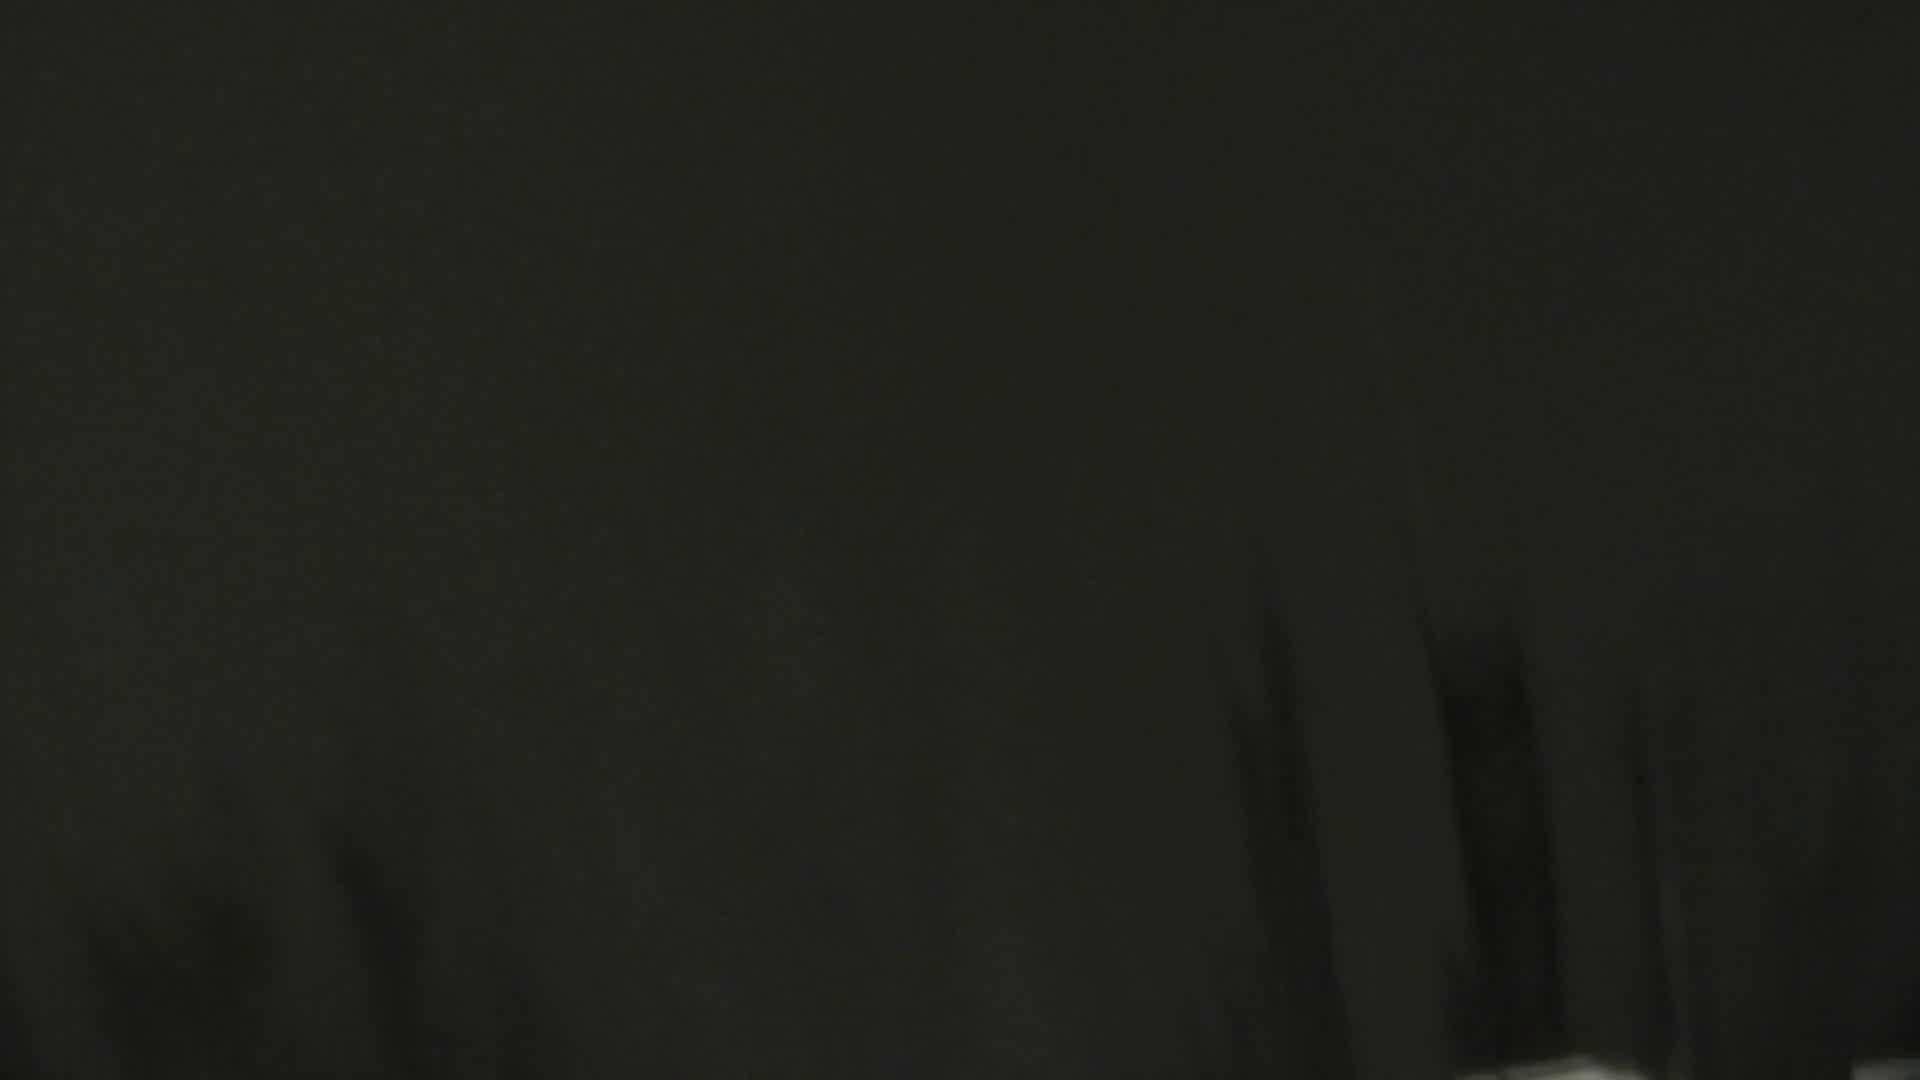 【美しき個室な世界】vol.015 特攻隊の軌跡 0 | 0  79pic 25